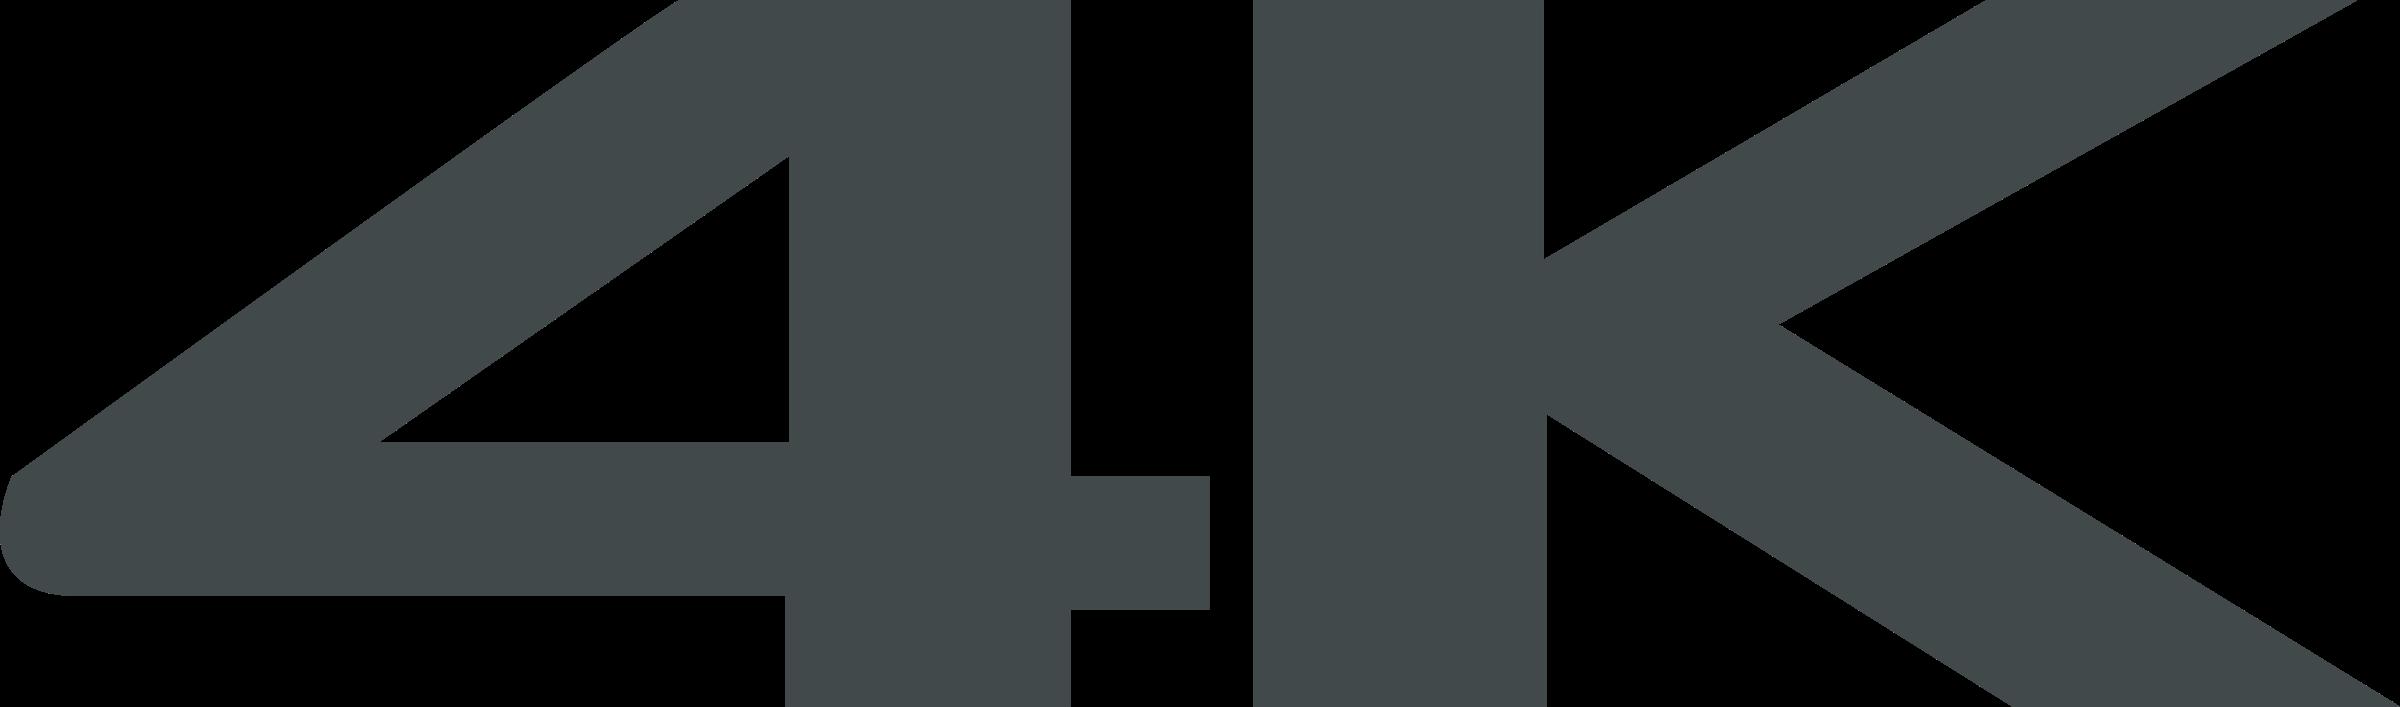 4k Logo PNG Transparent & SVG Vector.